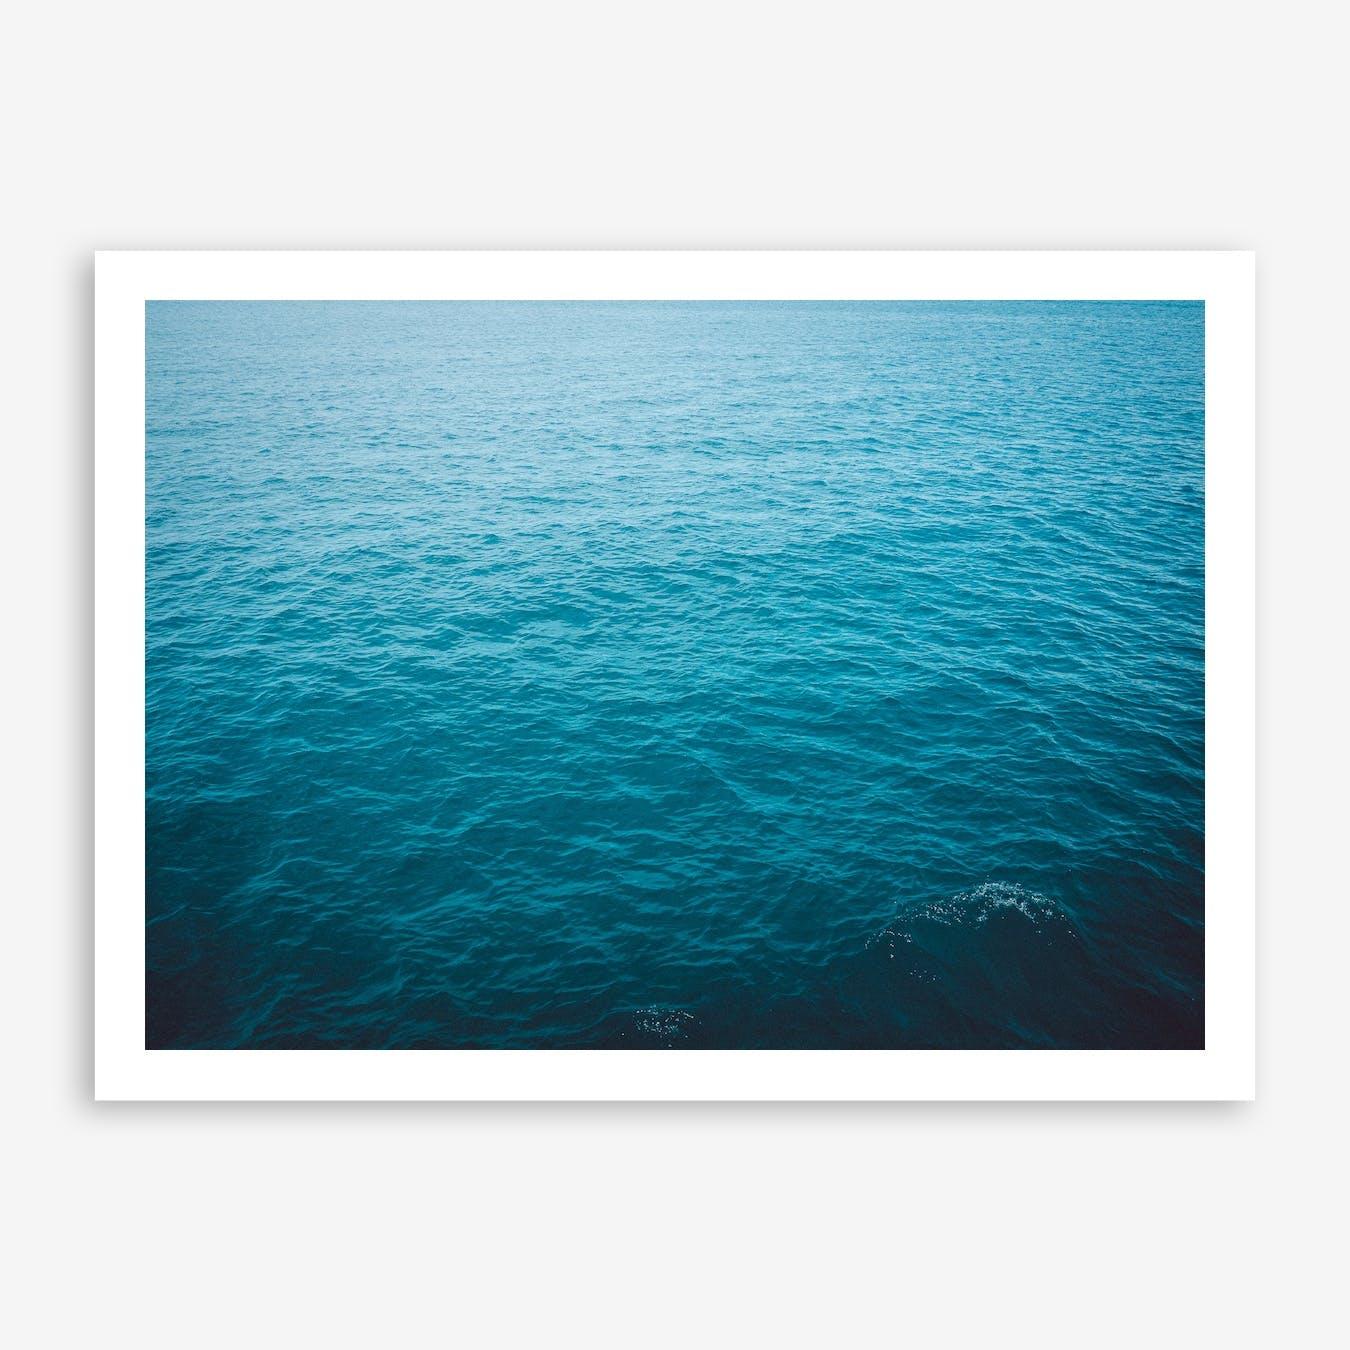 Wild x Ocean II